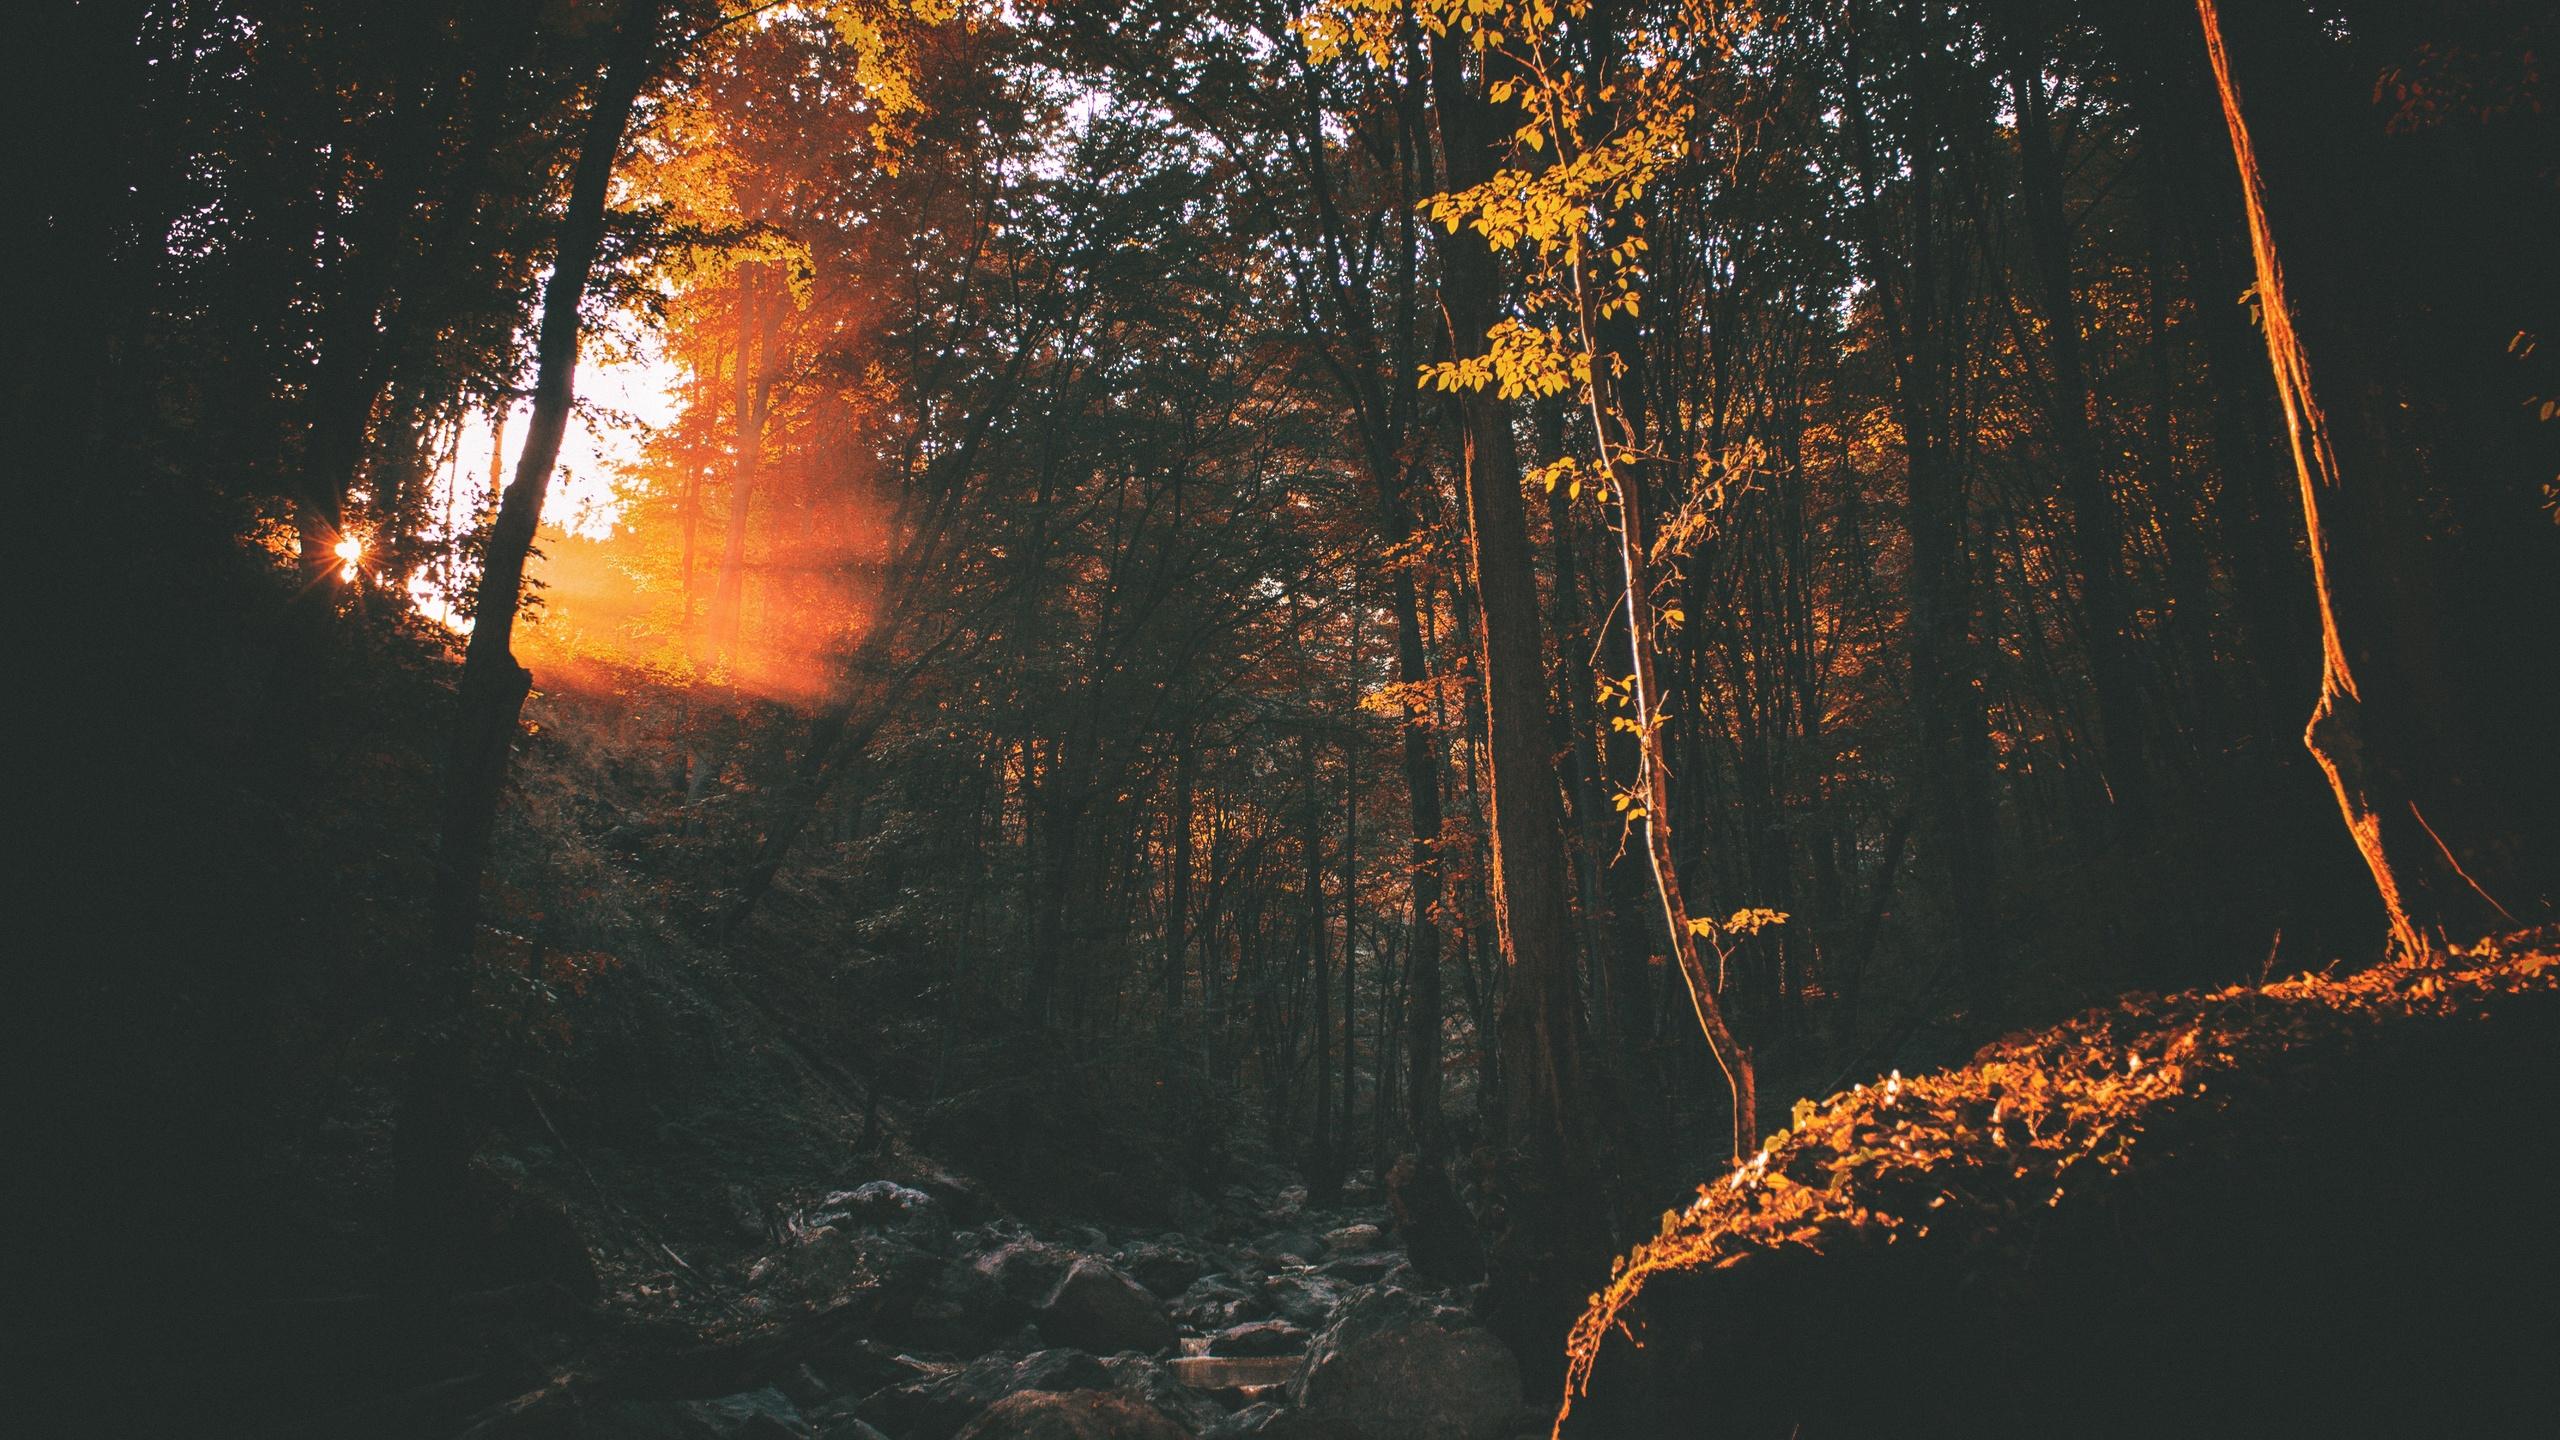 темно, рассвет, окружающая среда, вечер, осень, лес, пейзаж, свет, природа